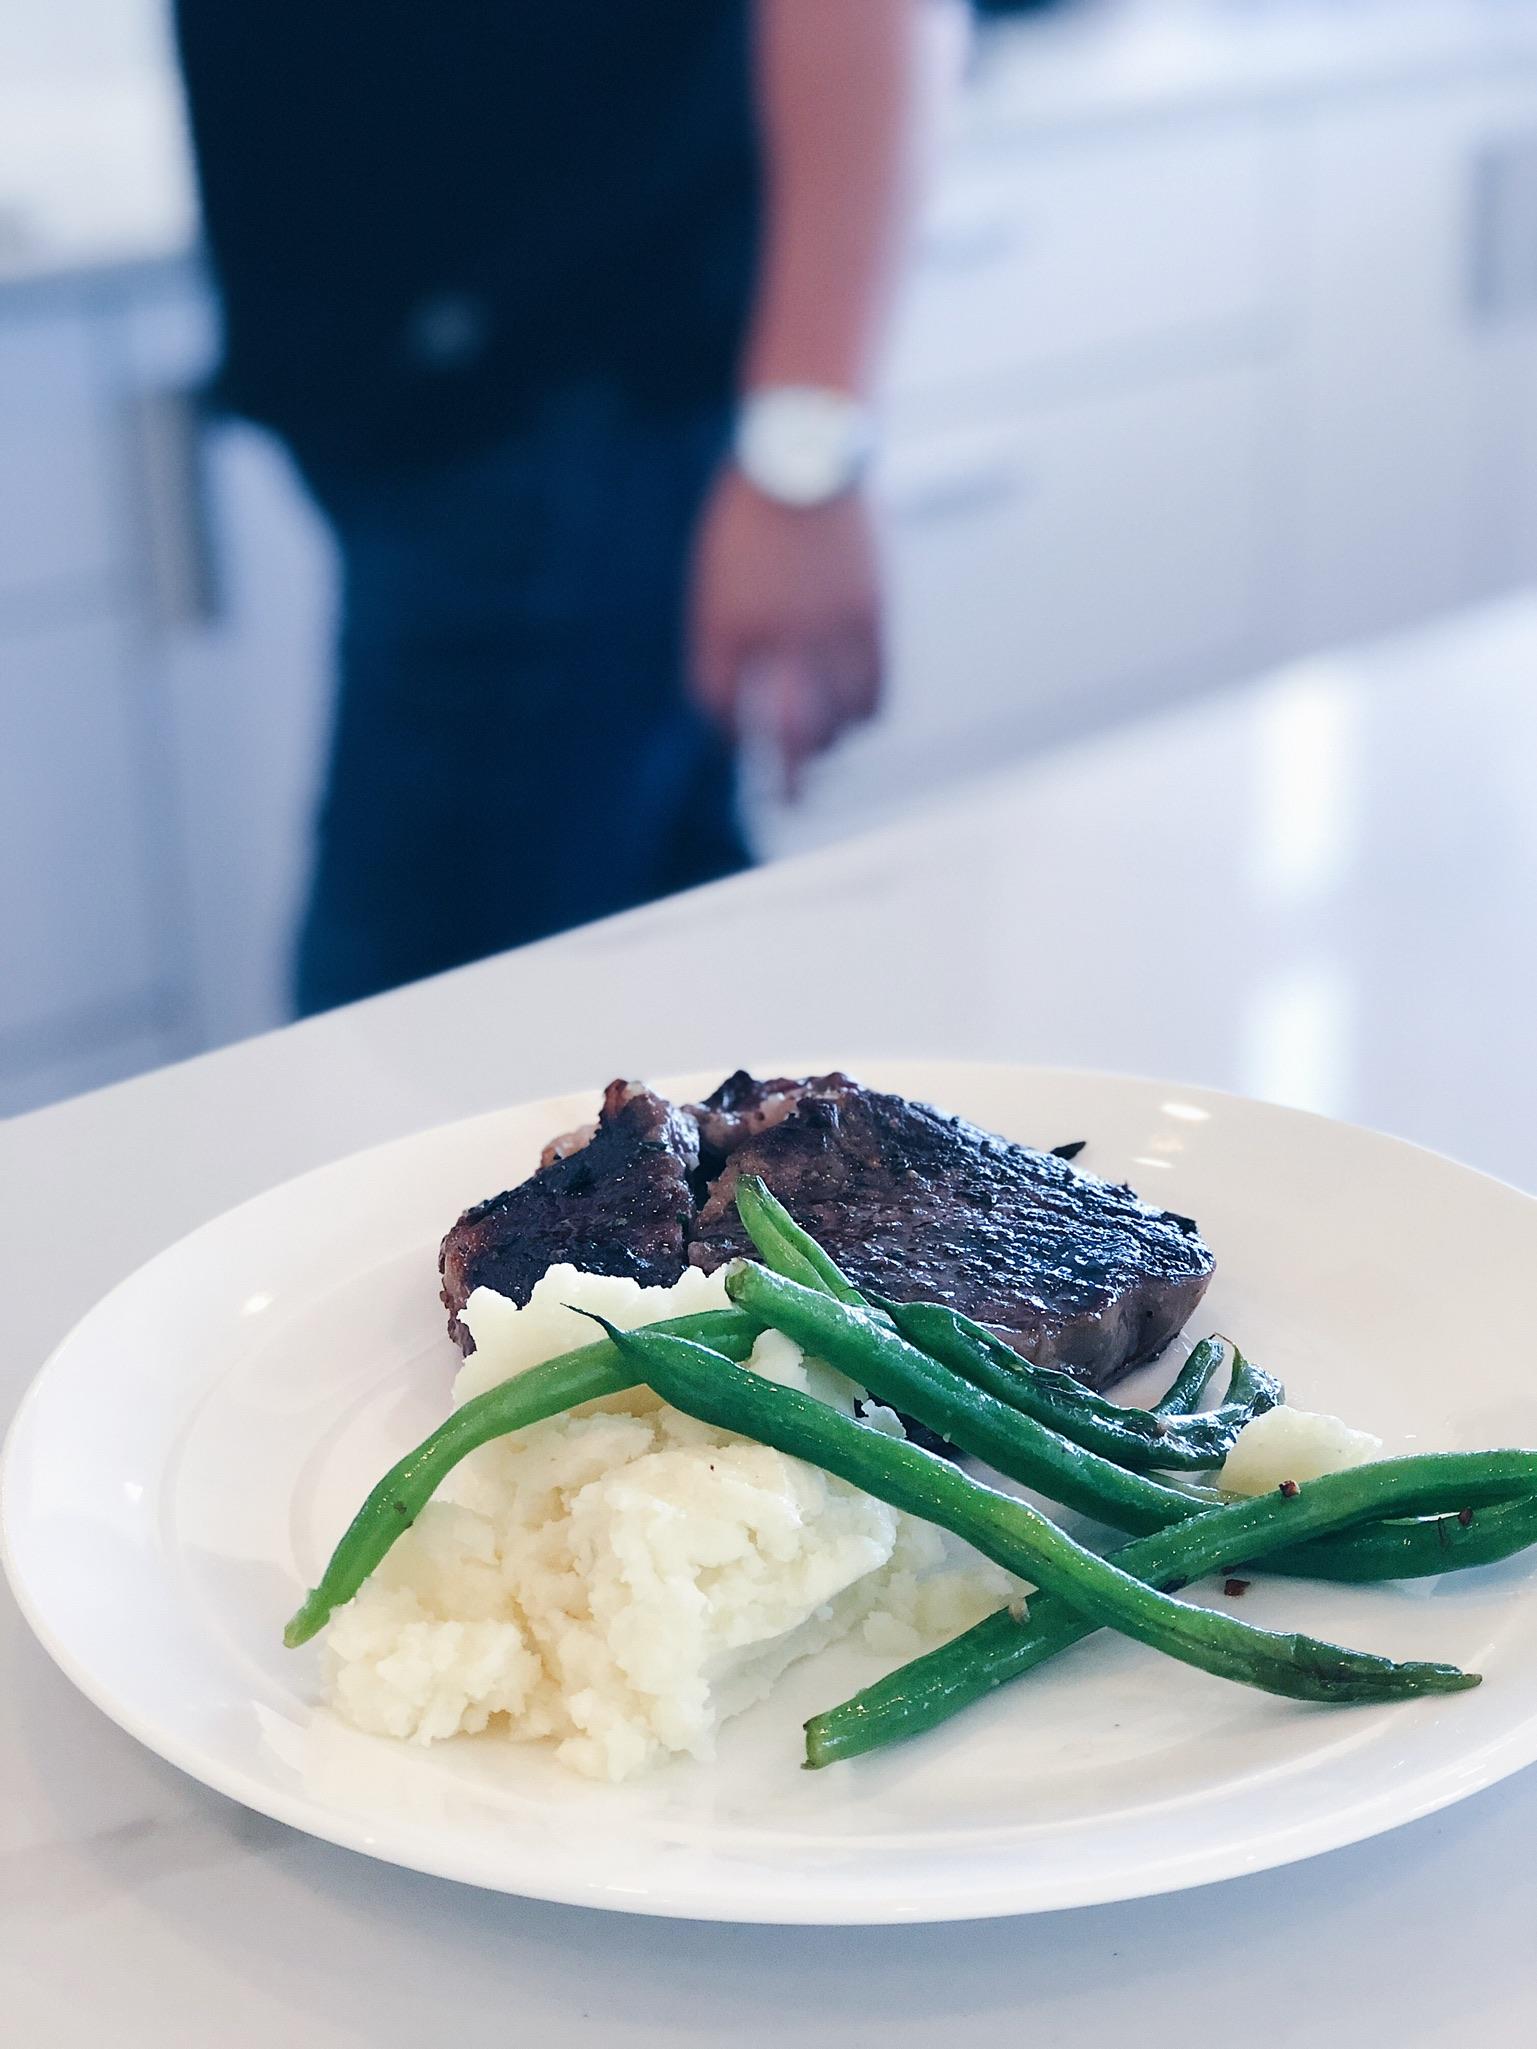 steak dinner on the counter